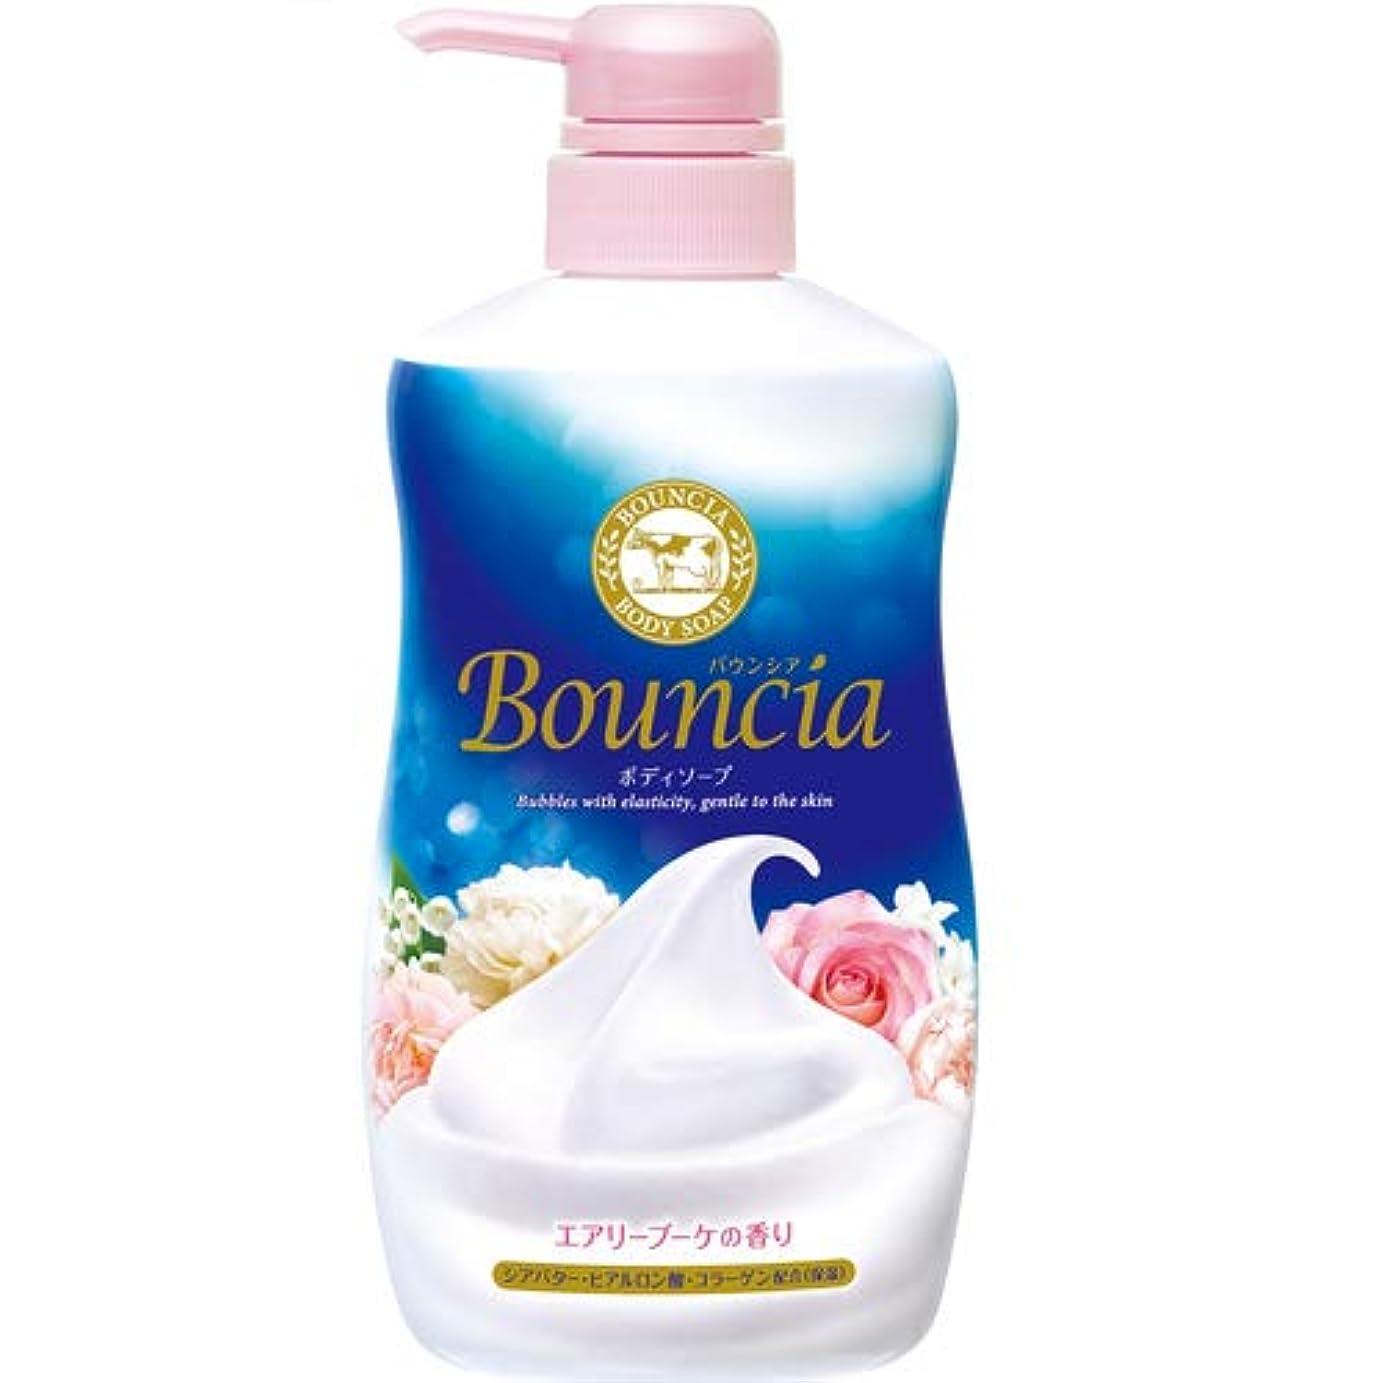 限り見る思い出させるバウンシア ボディソープ エアリーブーケの香り ポンプ付 500mL